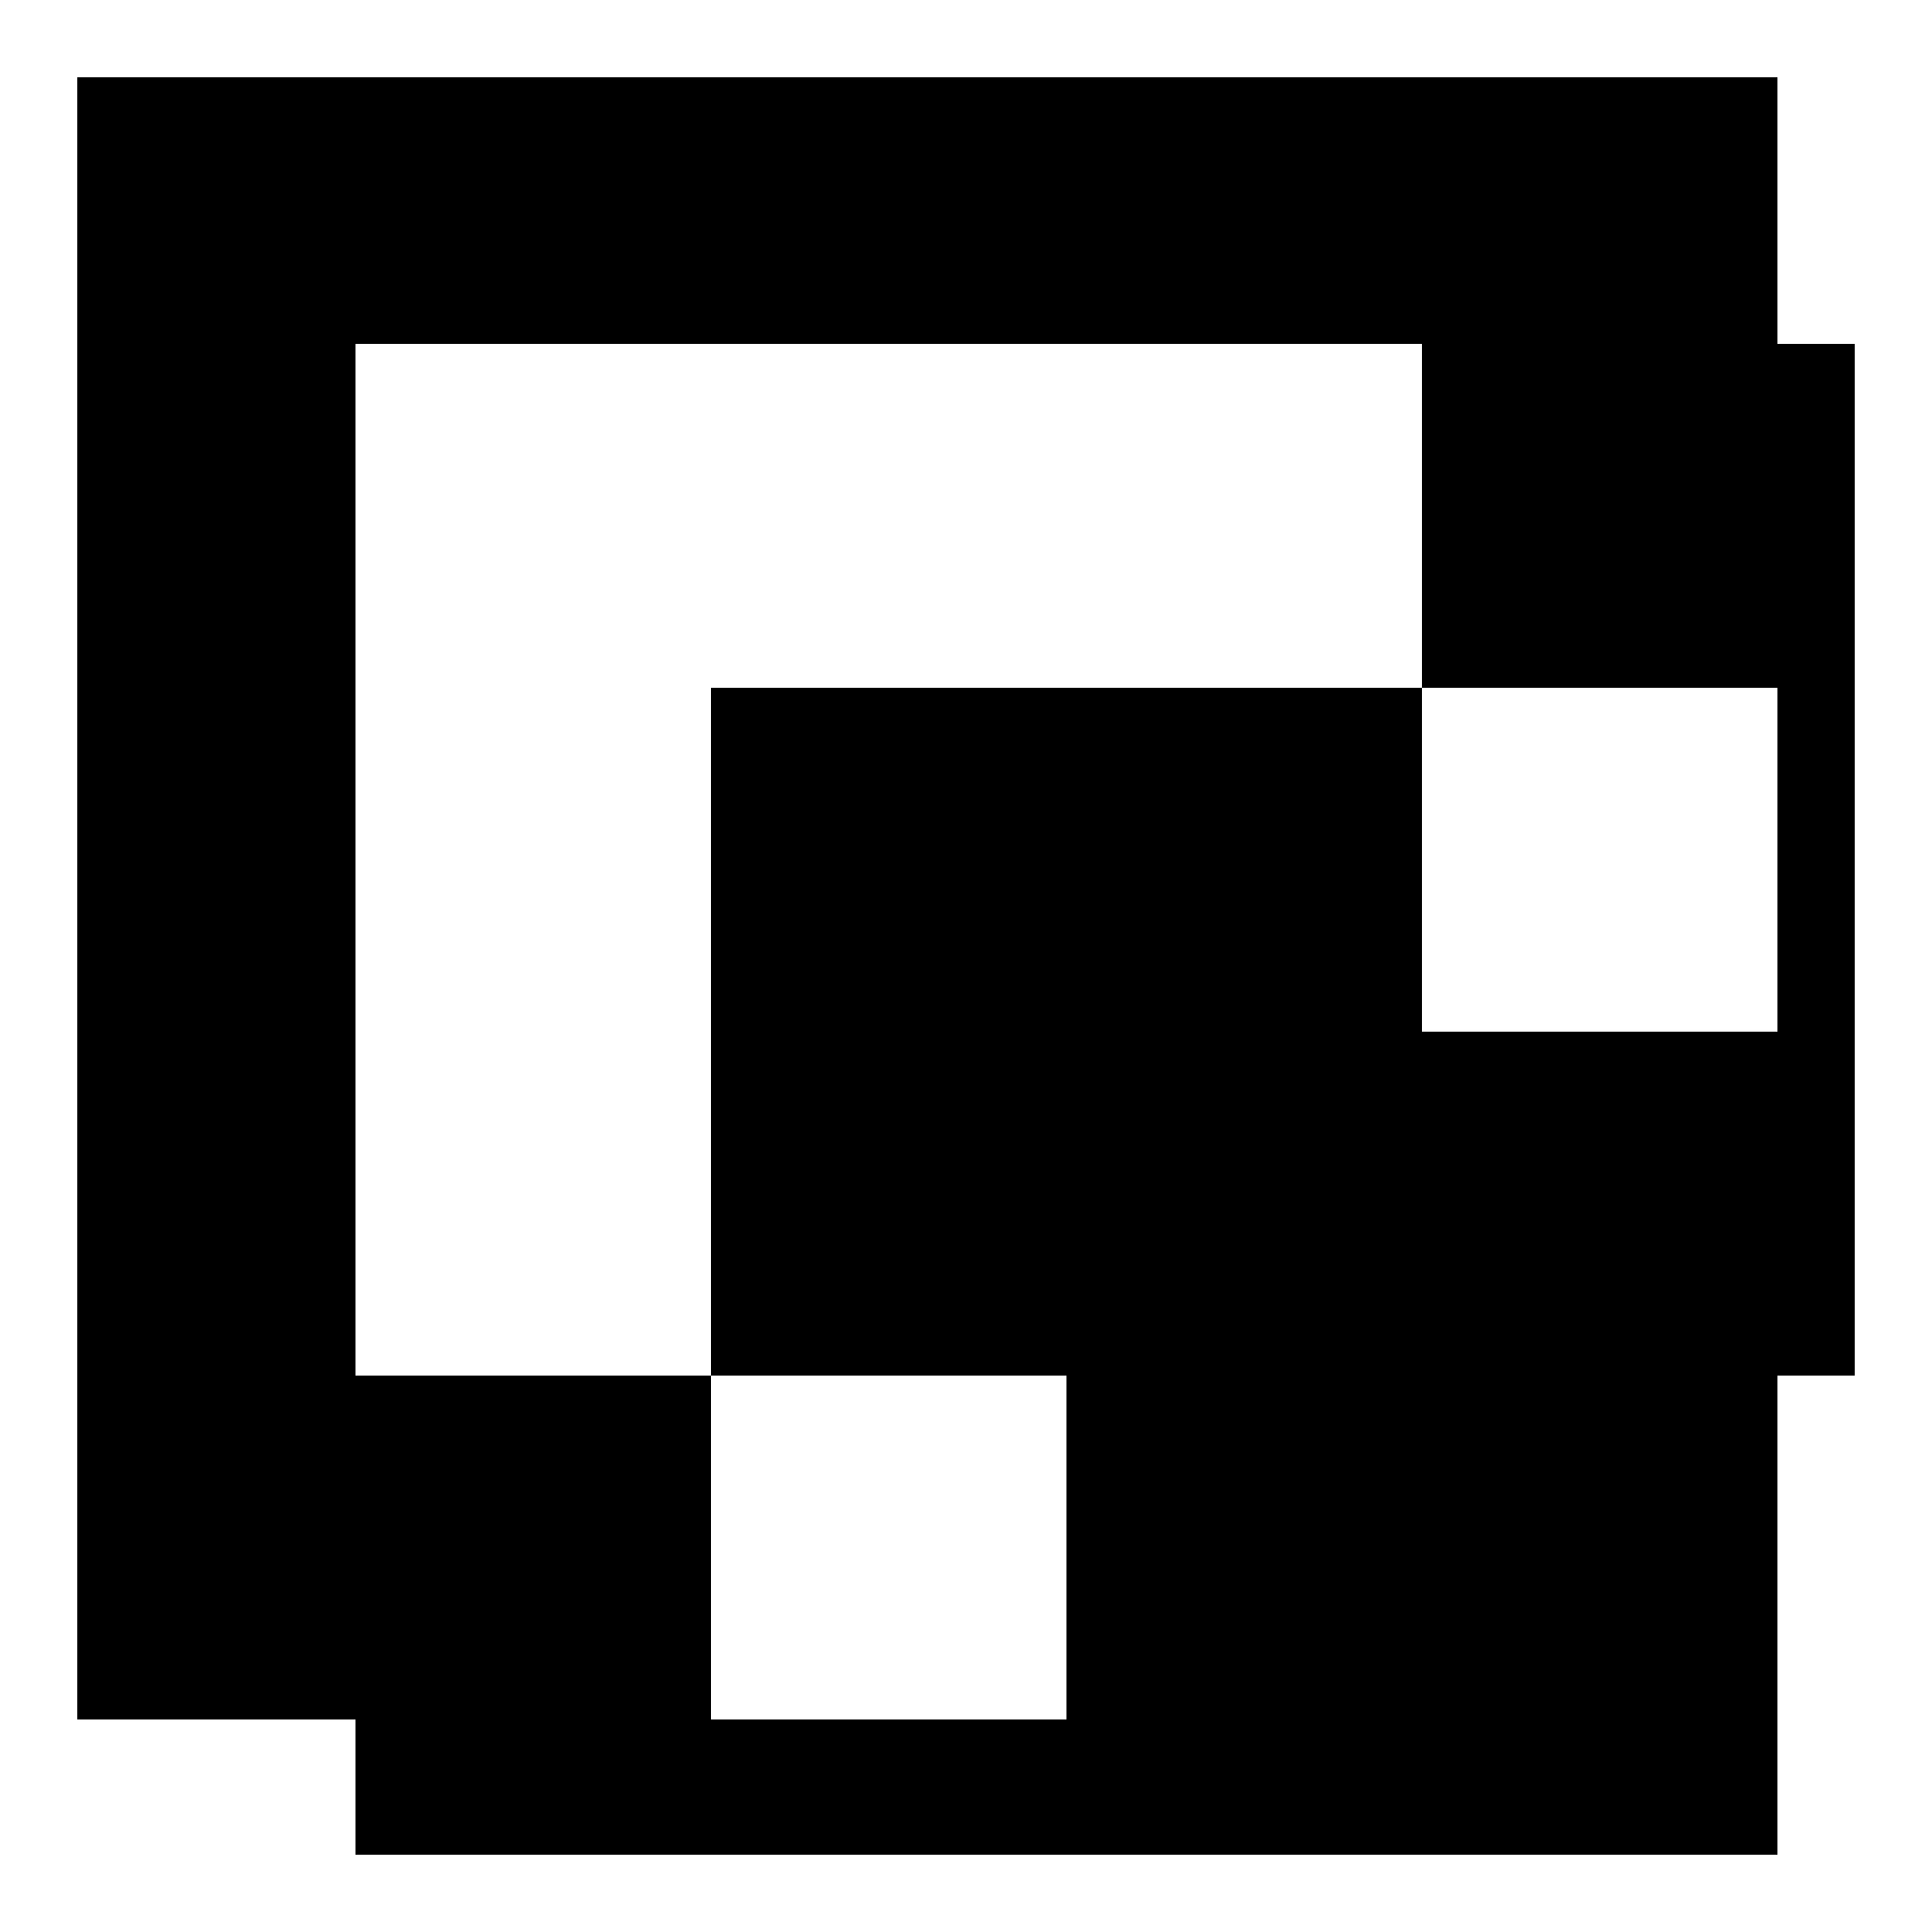 attribute-material-silk